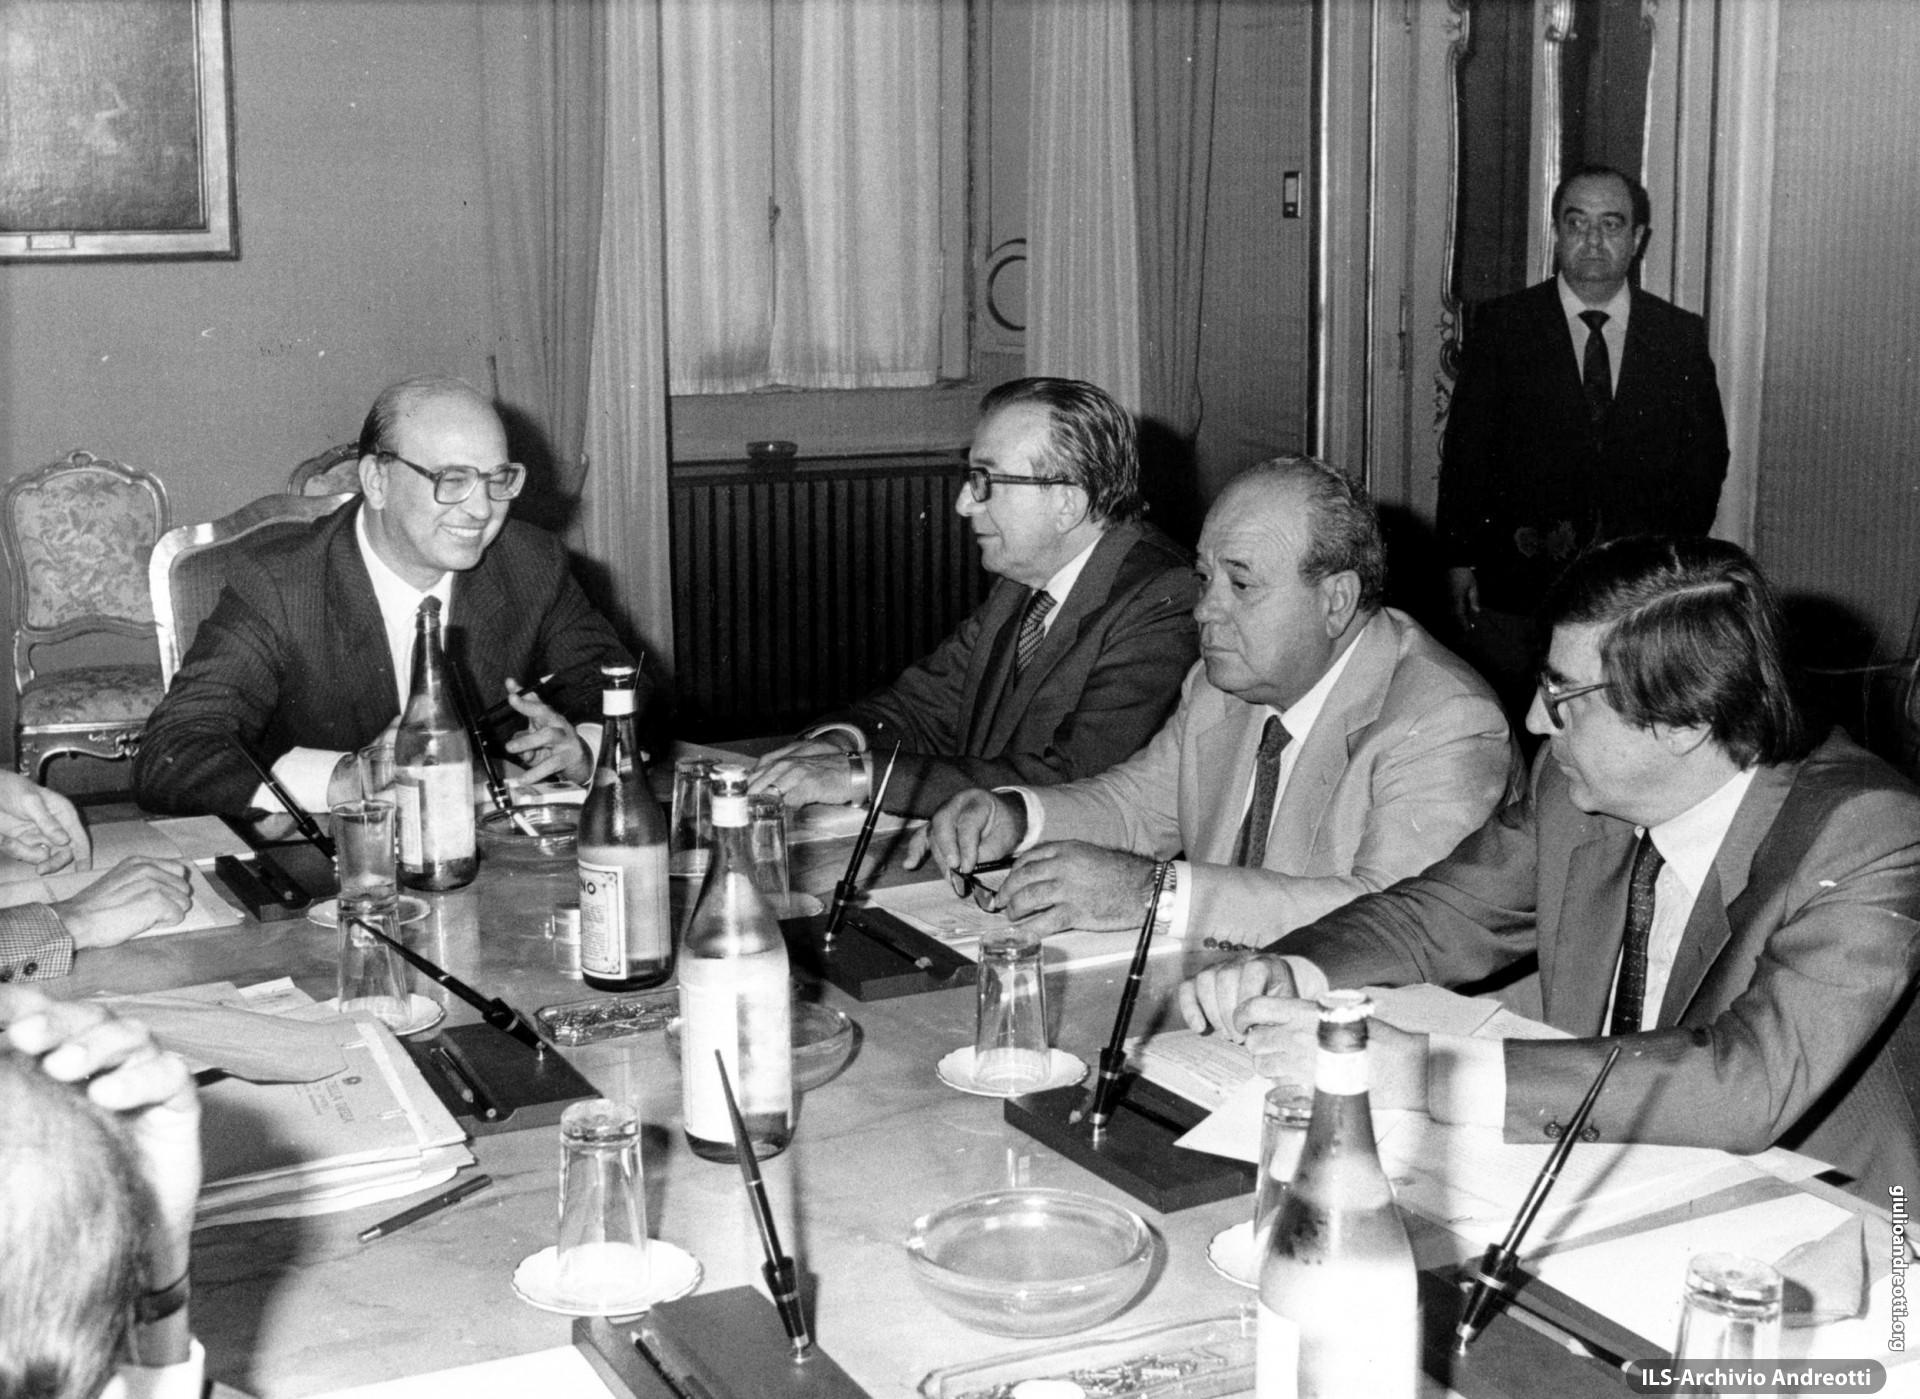 1983. Il Consiglio di gabinetto. Con Craxi, Andreotti, Gaspari e Scotti.